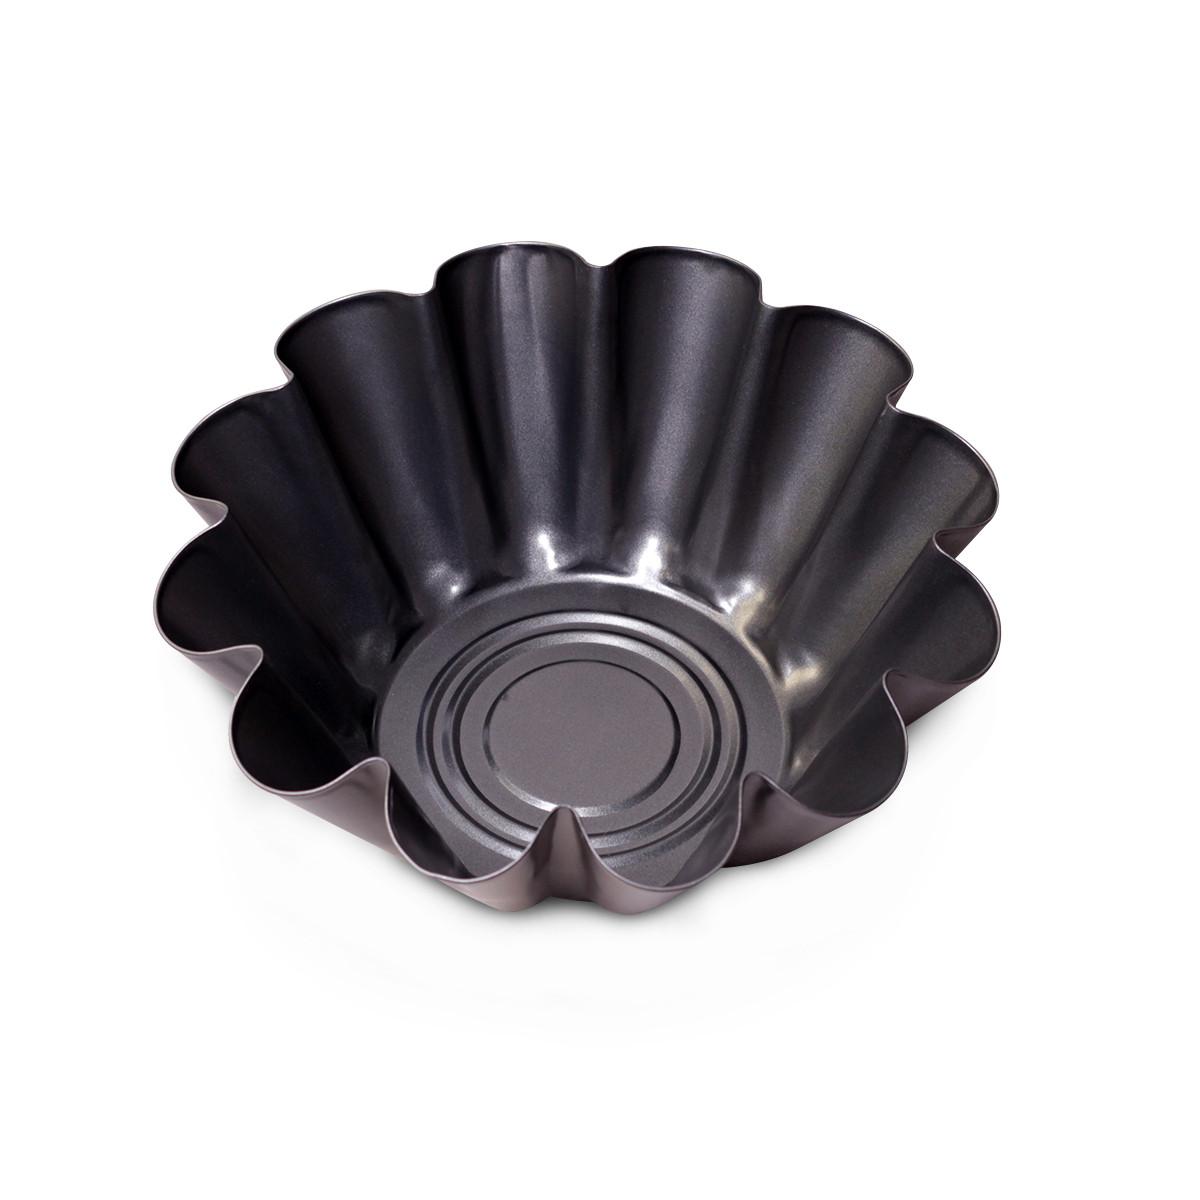 Форма для выпечки Kamille 22.5см из углеродистой стали KM-6003